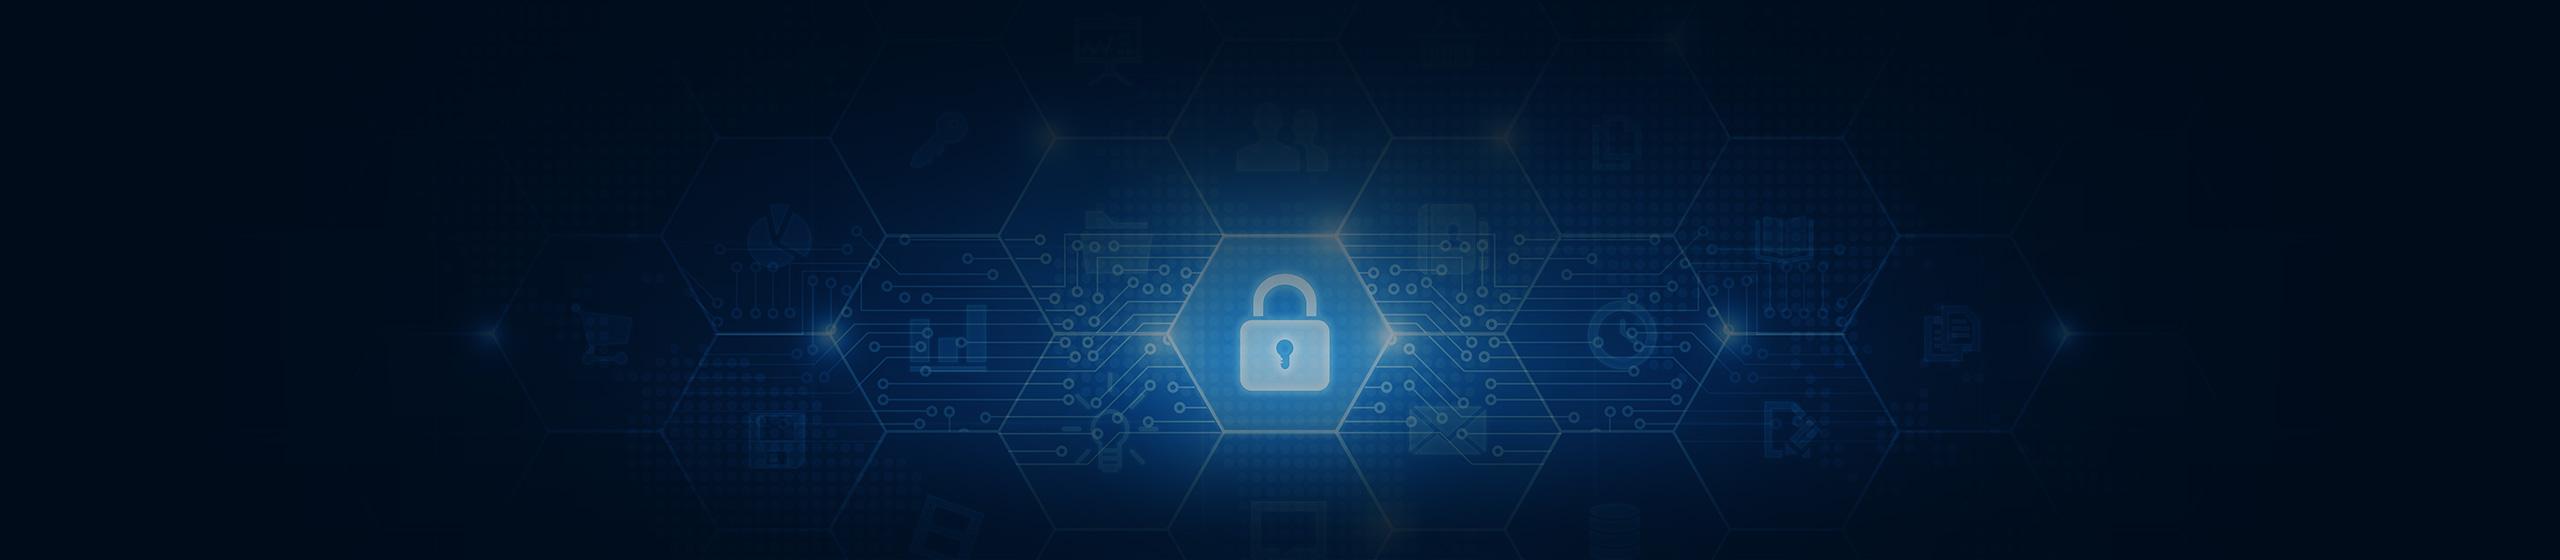 Fibaro er beskyttet av meget god kryptering